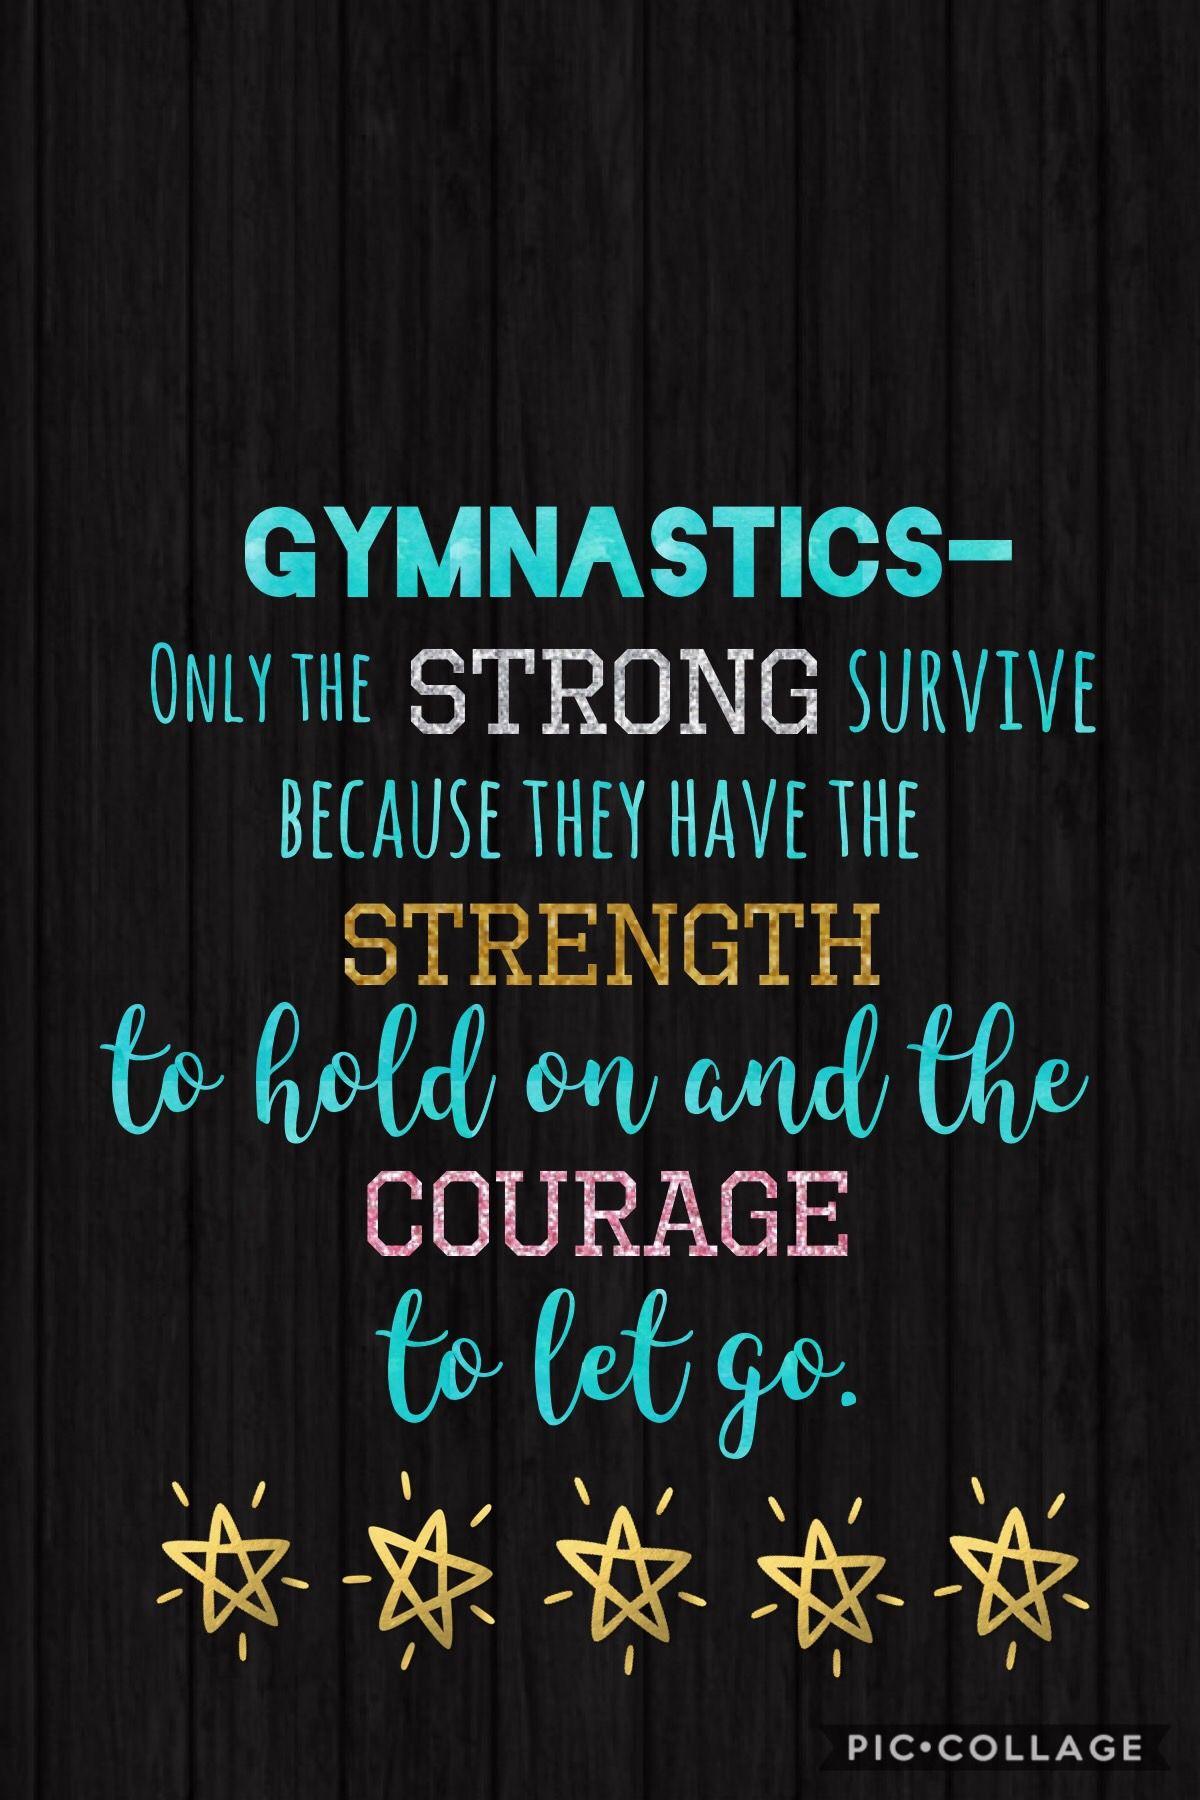 Gymnastics Lock Screen Wallpaper Gymnastics Wallpaper Gymnastics Quotes Inspirational Gymnastics Quotes